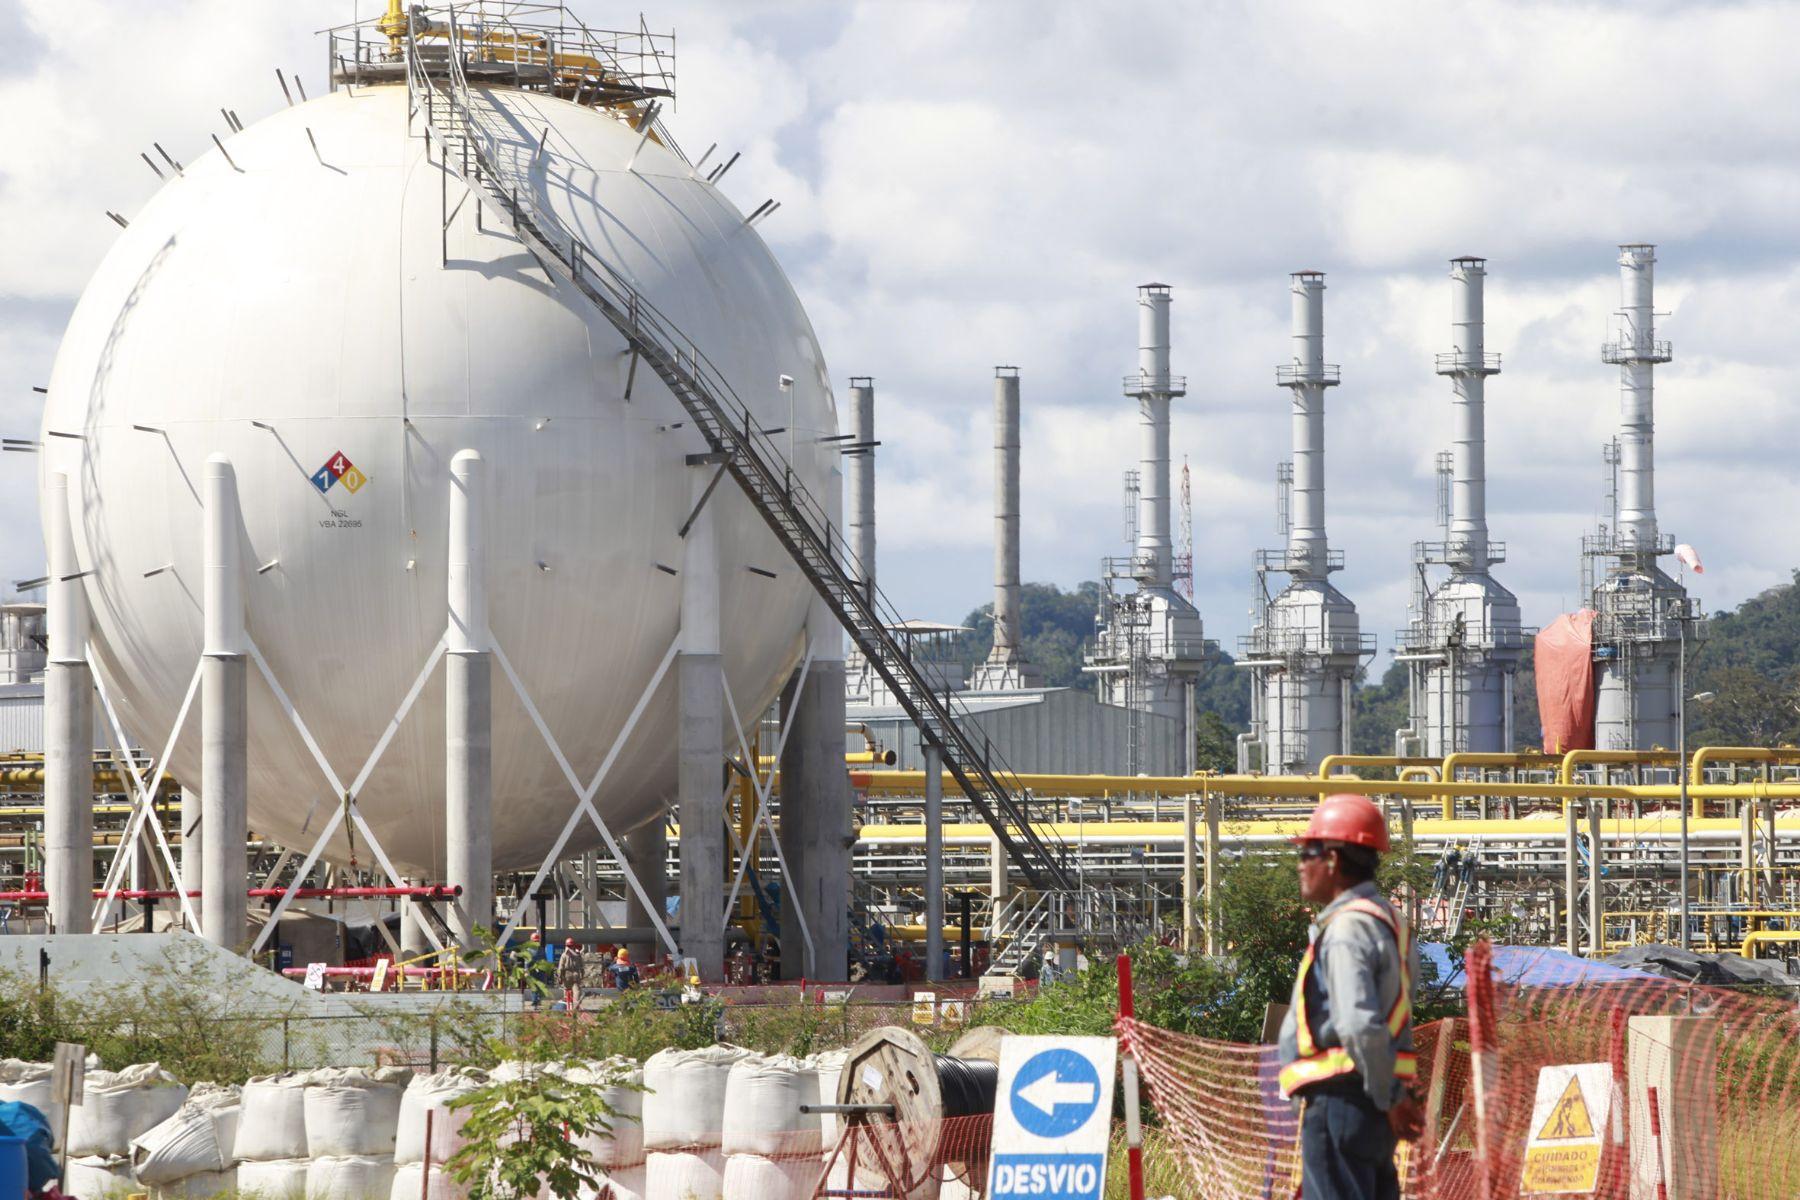 consorcio-camisea-hay-excedentes-de-gas-que-pueden-destinarse-a-la-masificacion